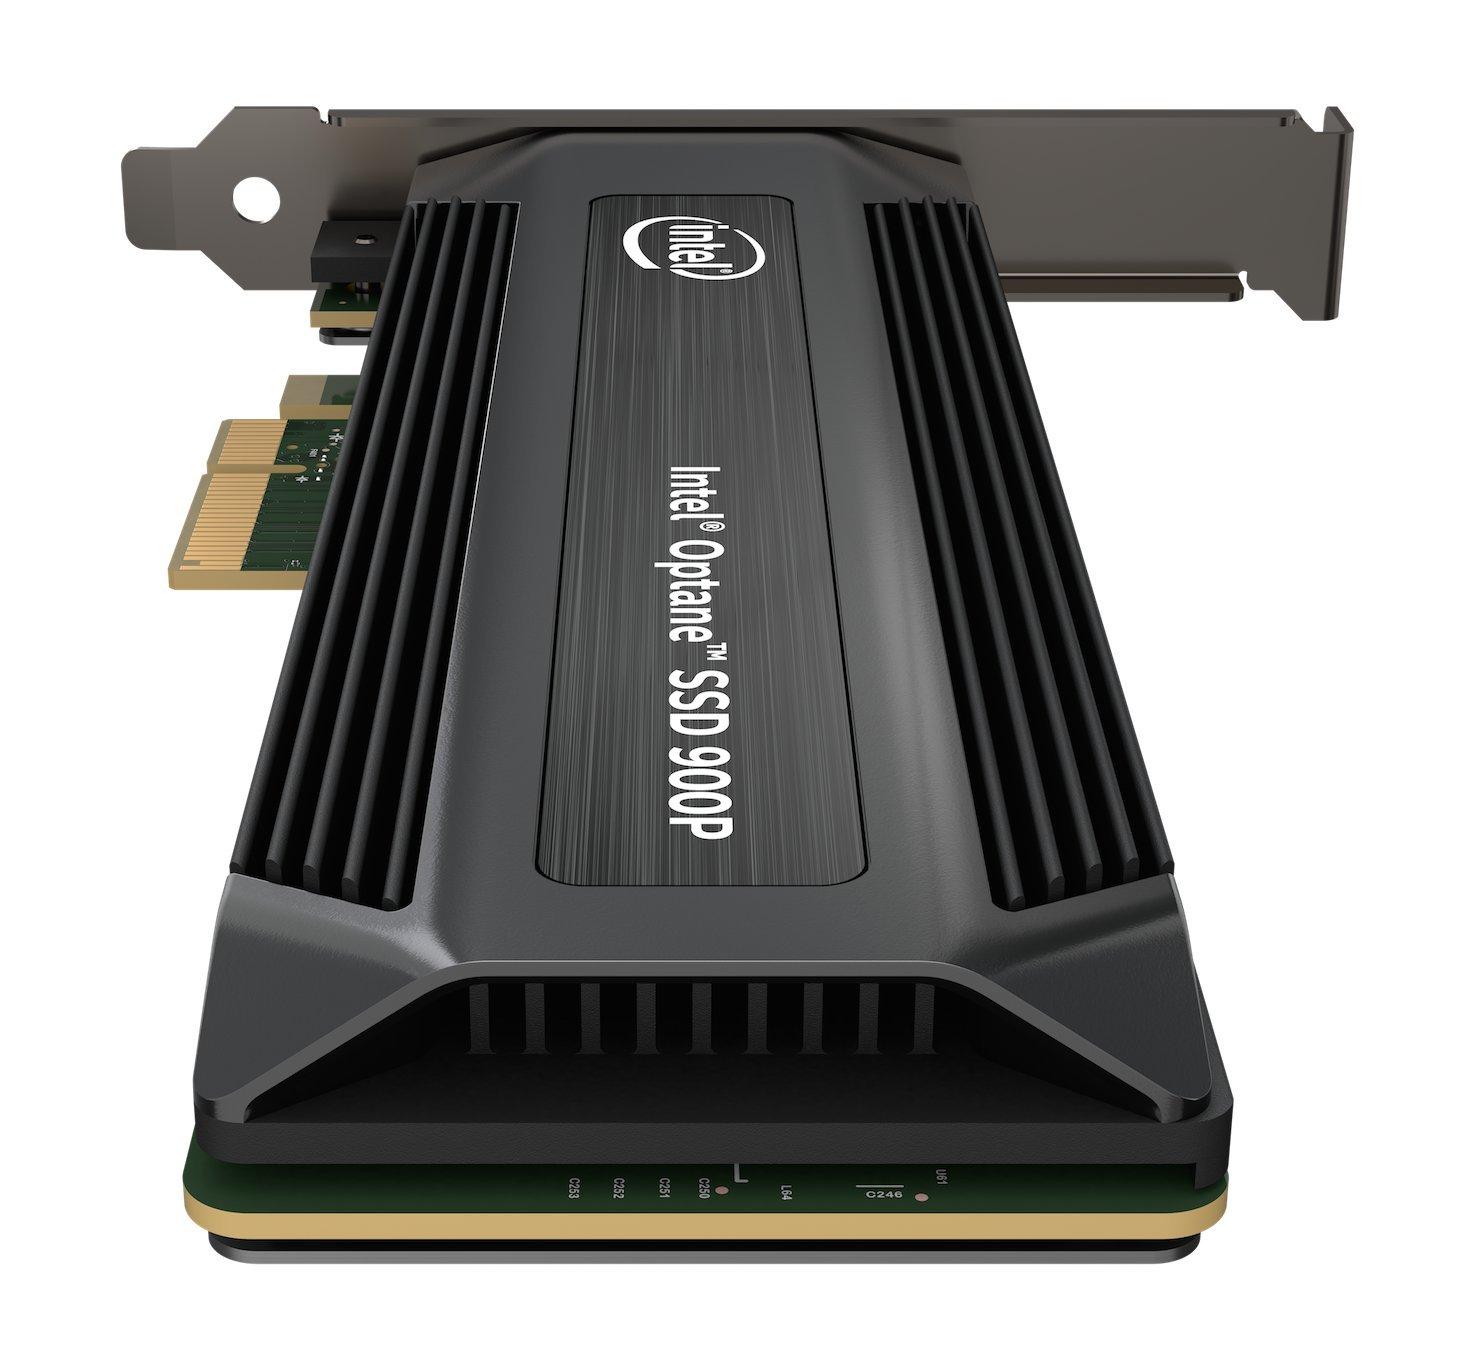 Intel Interne PCIe M.2 SSD 280GB Optane Retail SSDPED1D280GASX ...